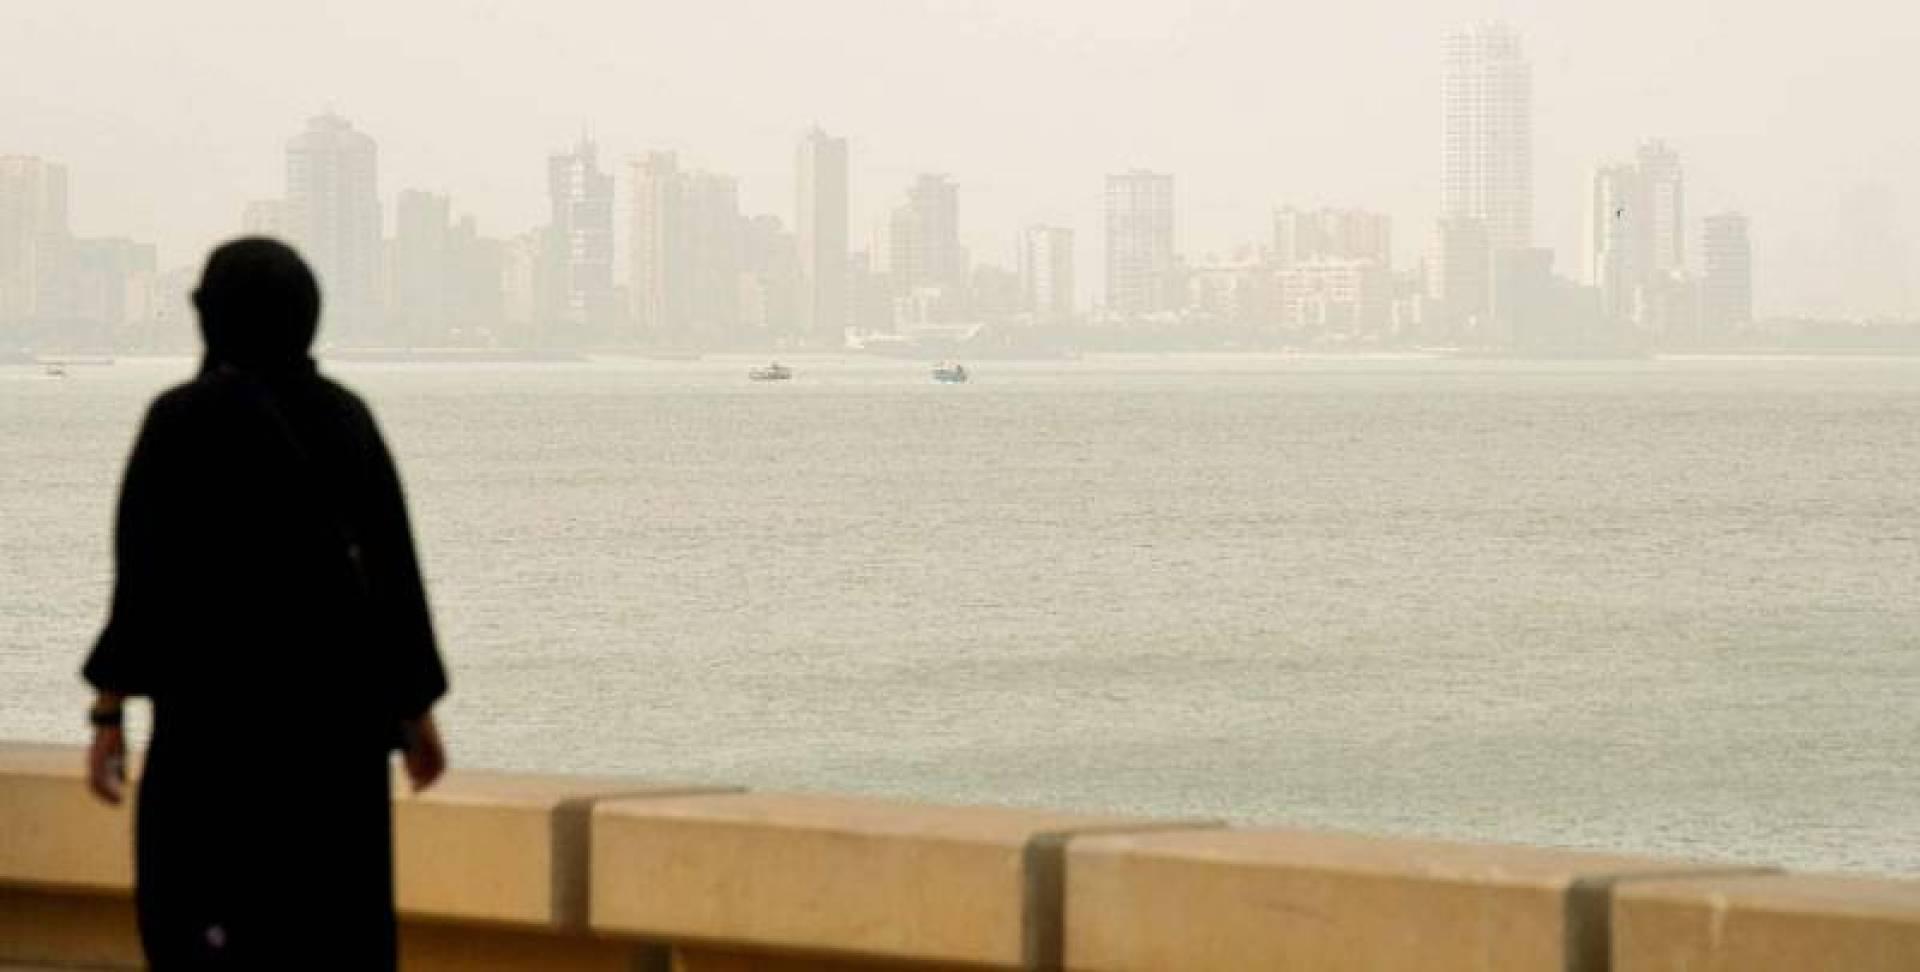 أجواء البحر شبه معتمة (تصوير: بسام زيدان)